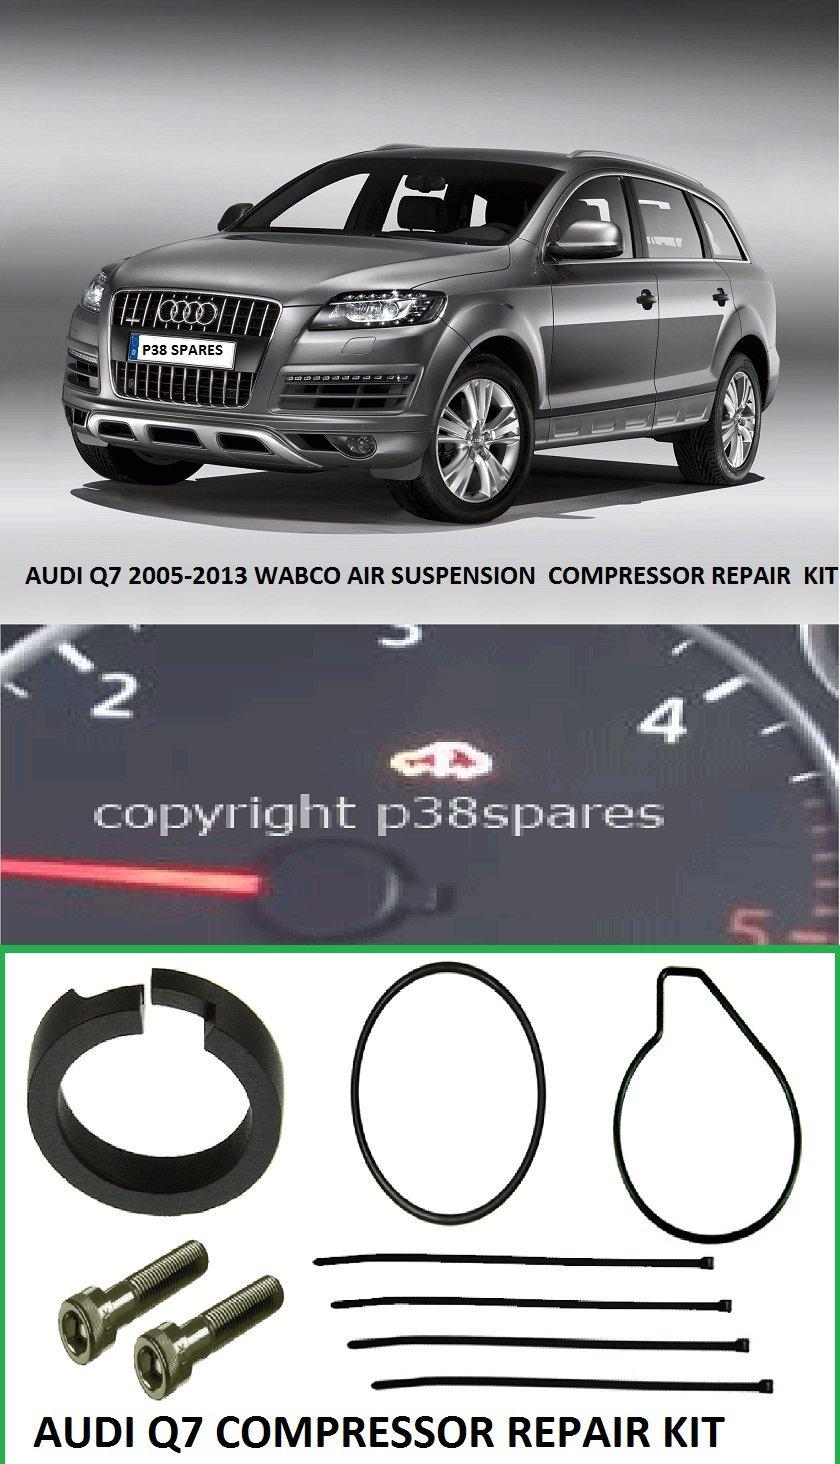 Q7 2005 - 2013 Wabco Compresor Suspensión Aire Pistón Anillo Reparar Kit: Amazon.es: Coche y moto